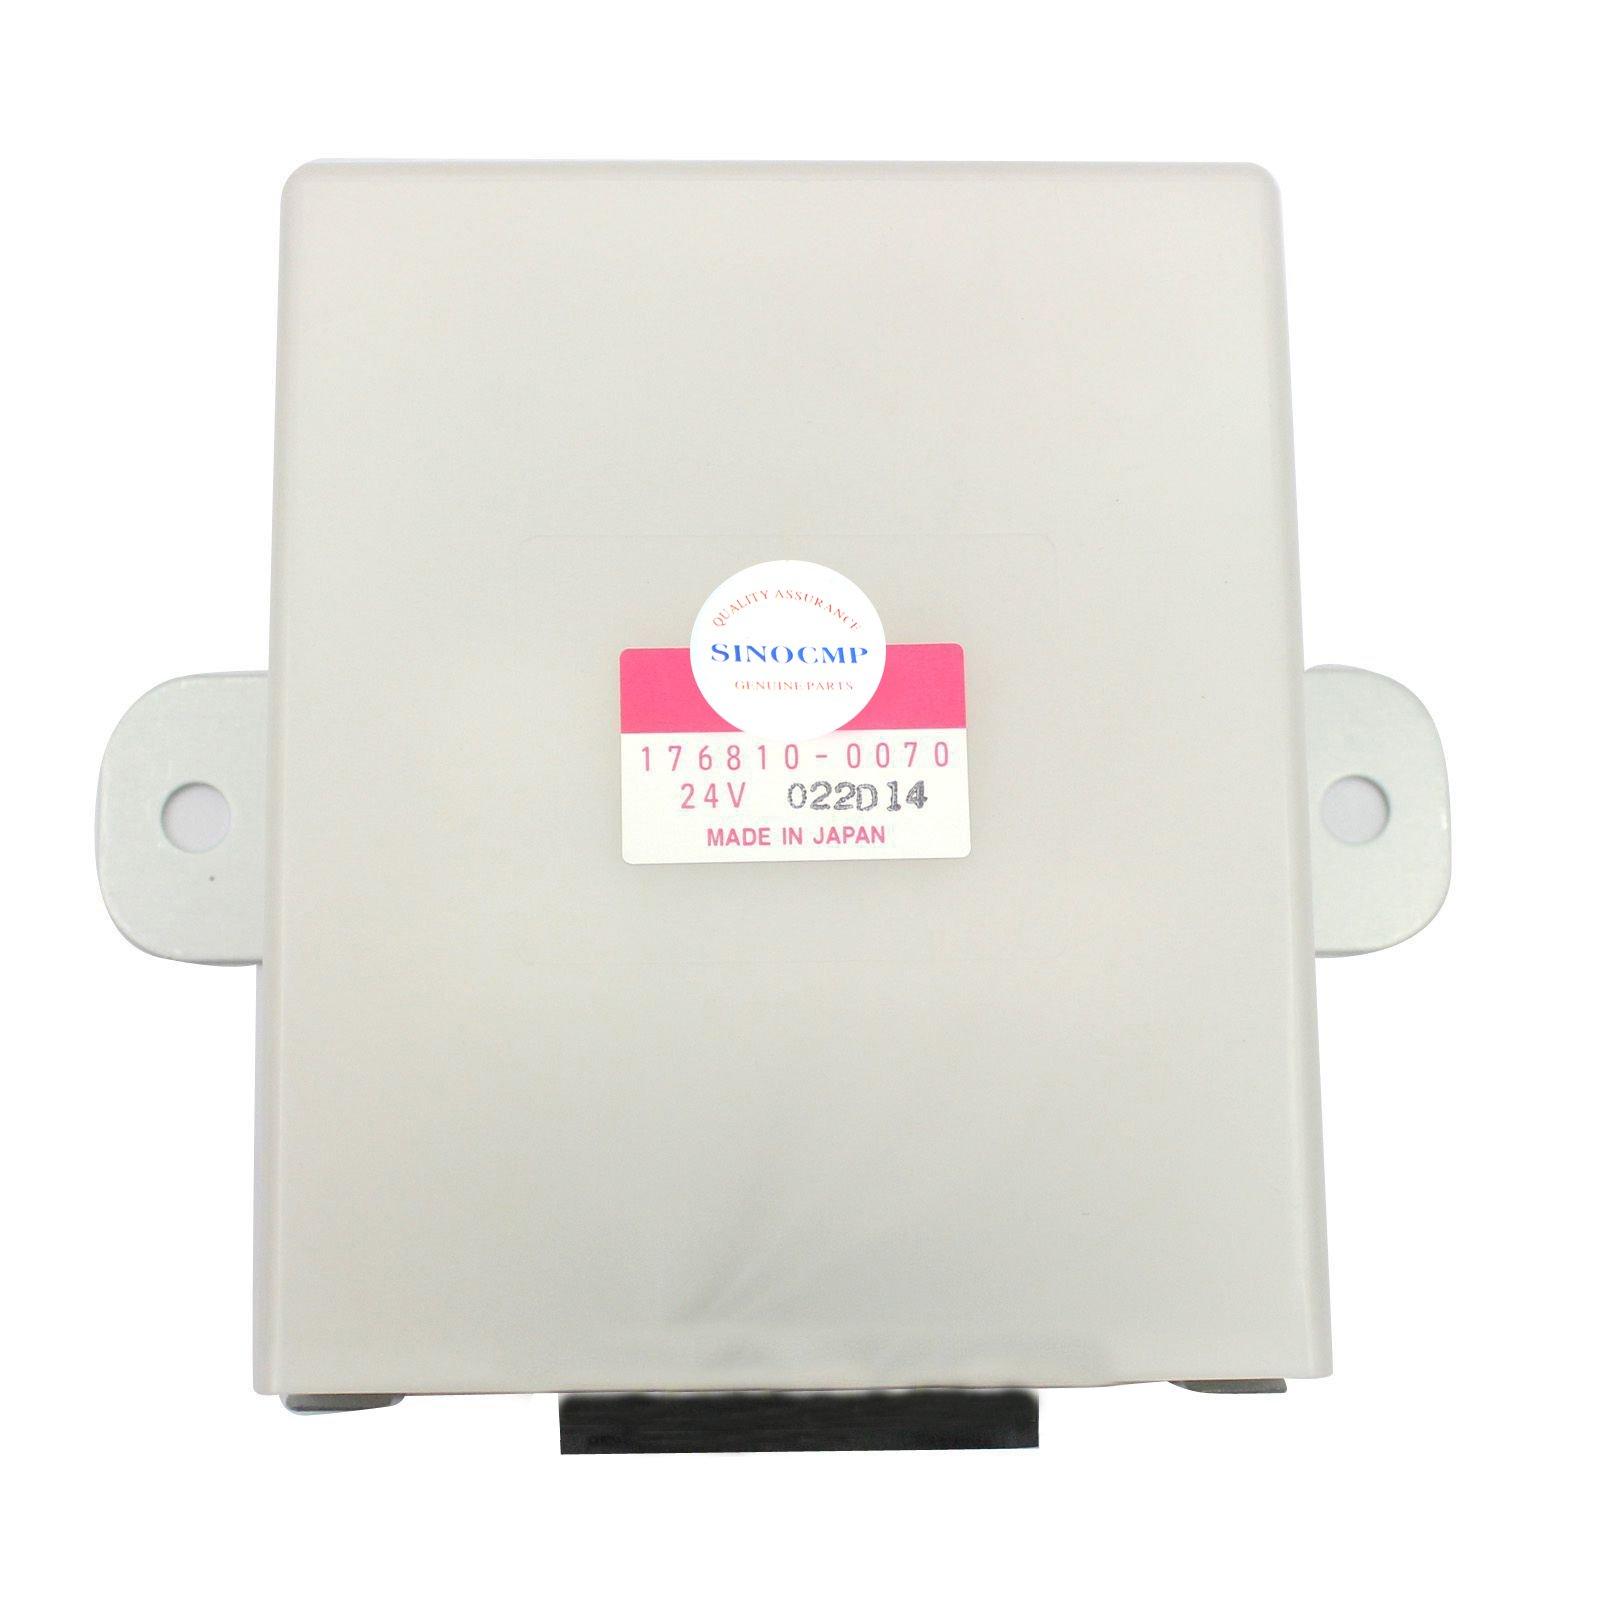 176810-0070 KHN3392 24V Wiper Motor - SINOCMP